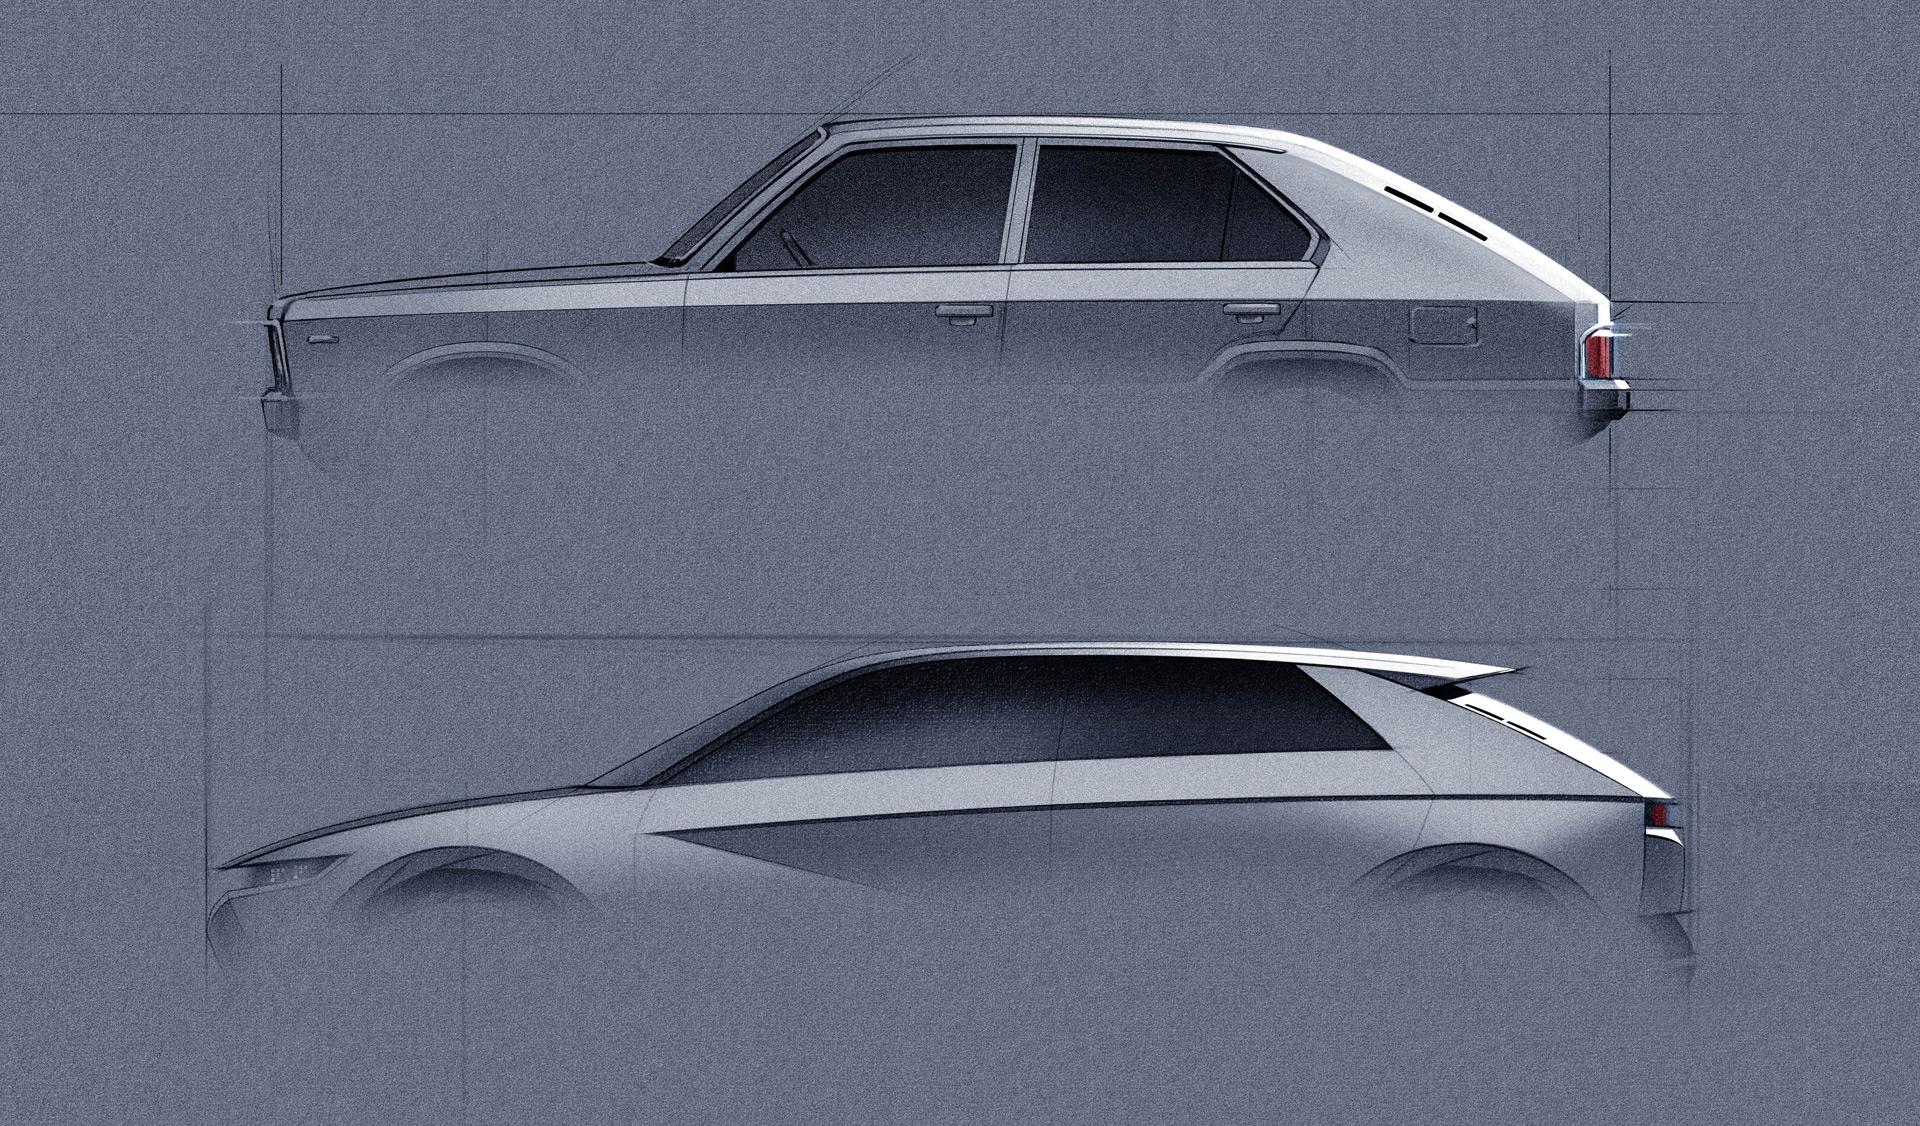 hyundai-45-concept_100715263_h.jpg